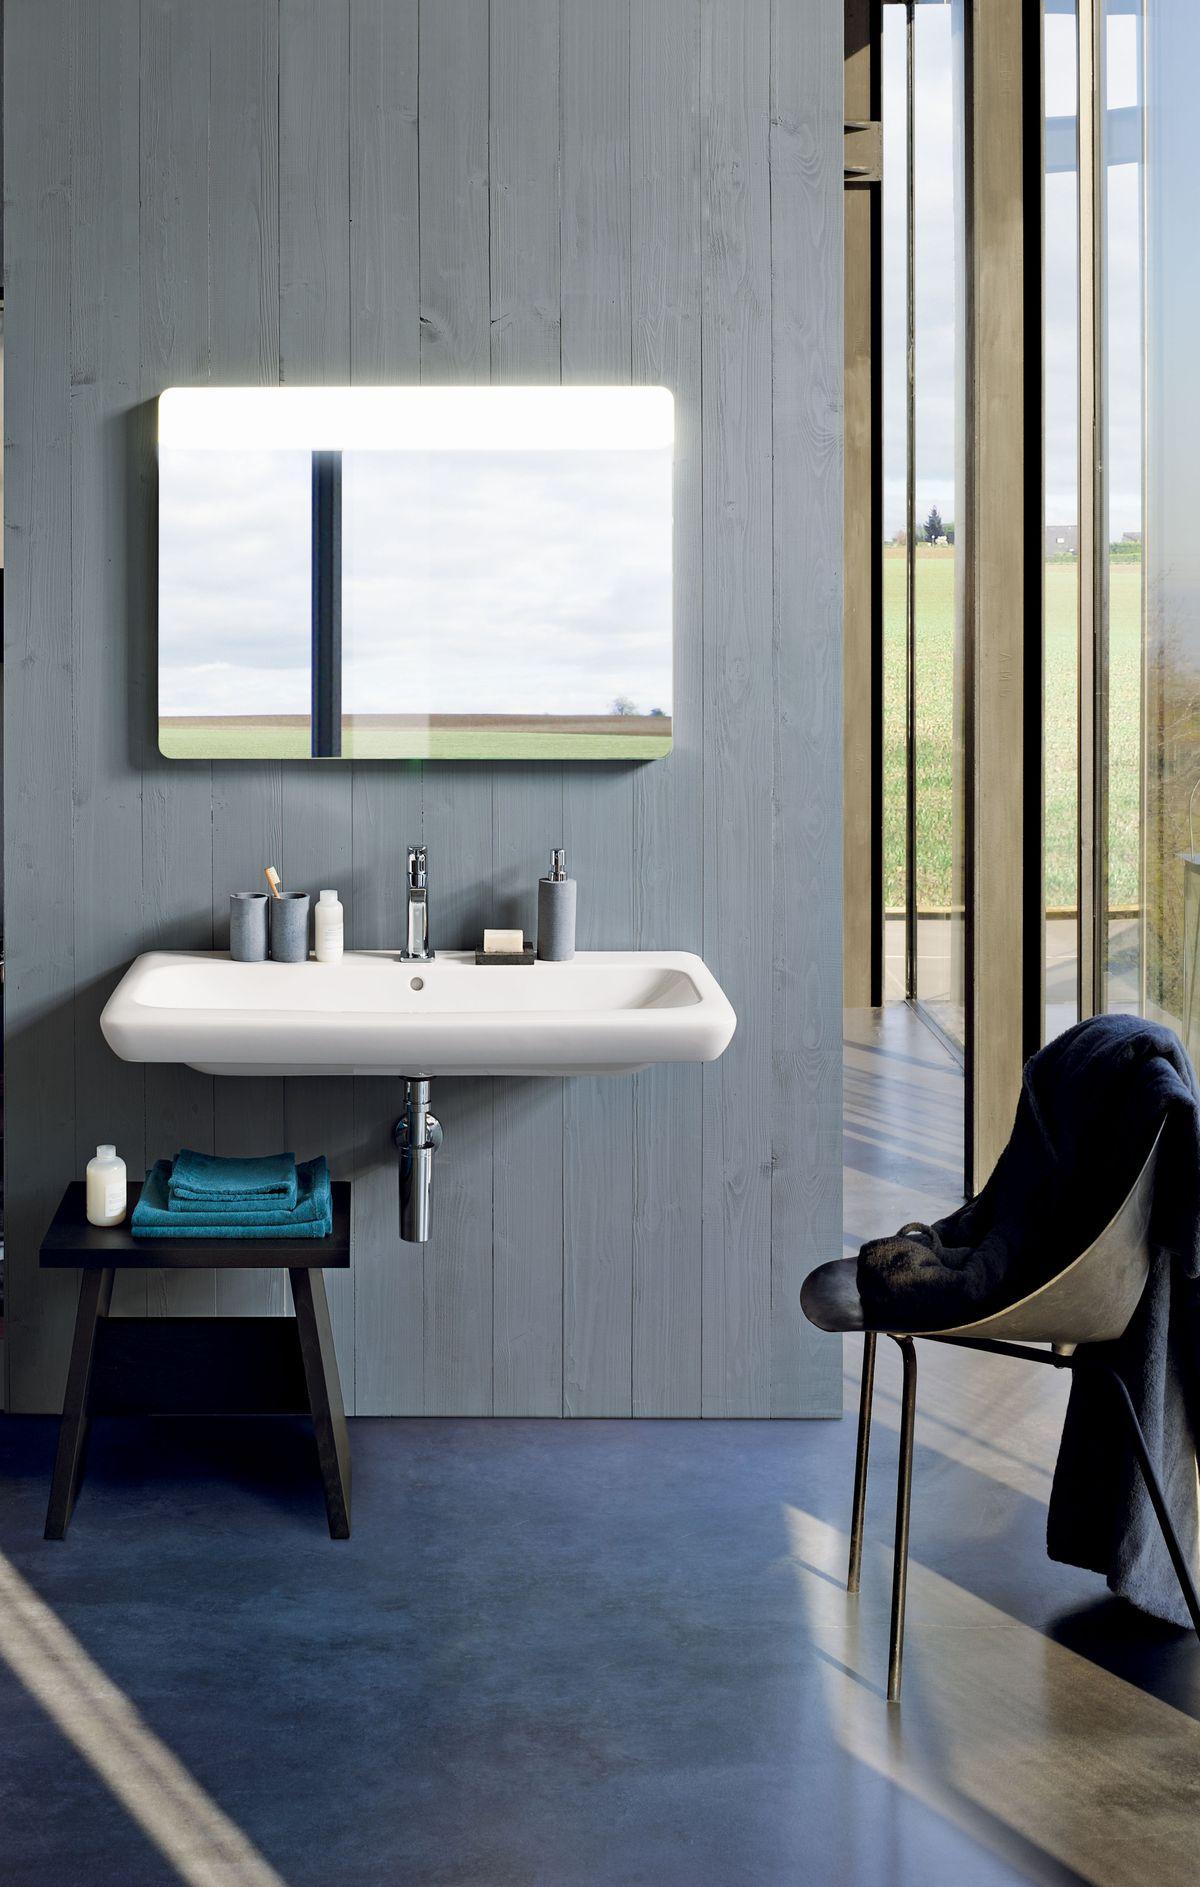 pozos Ginori lavabo y un espejo 100x90 65 rápida